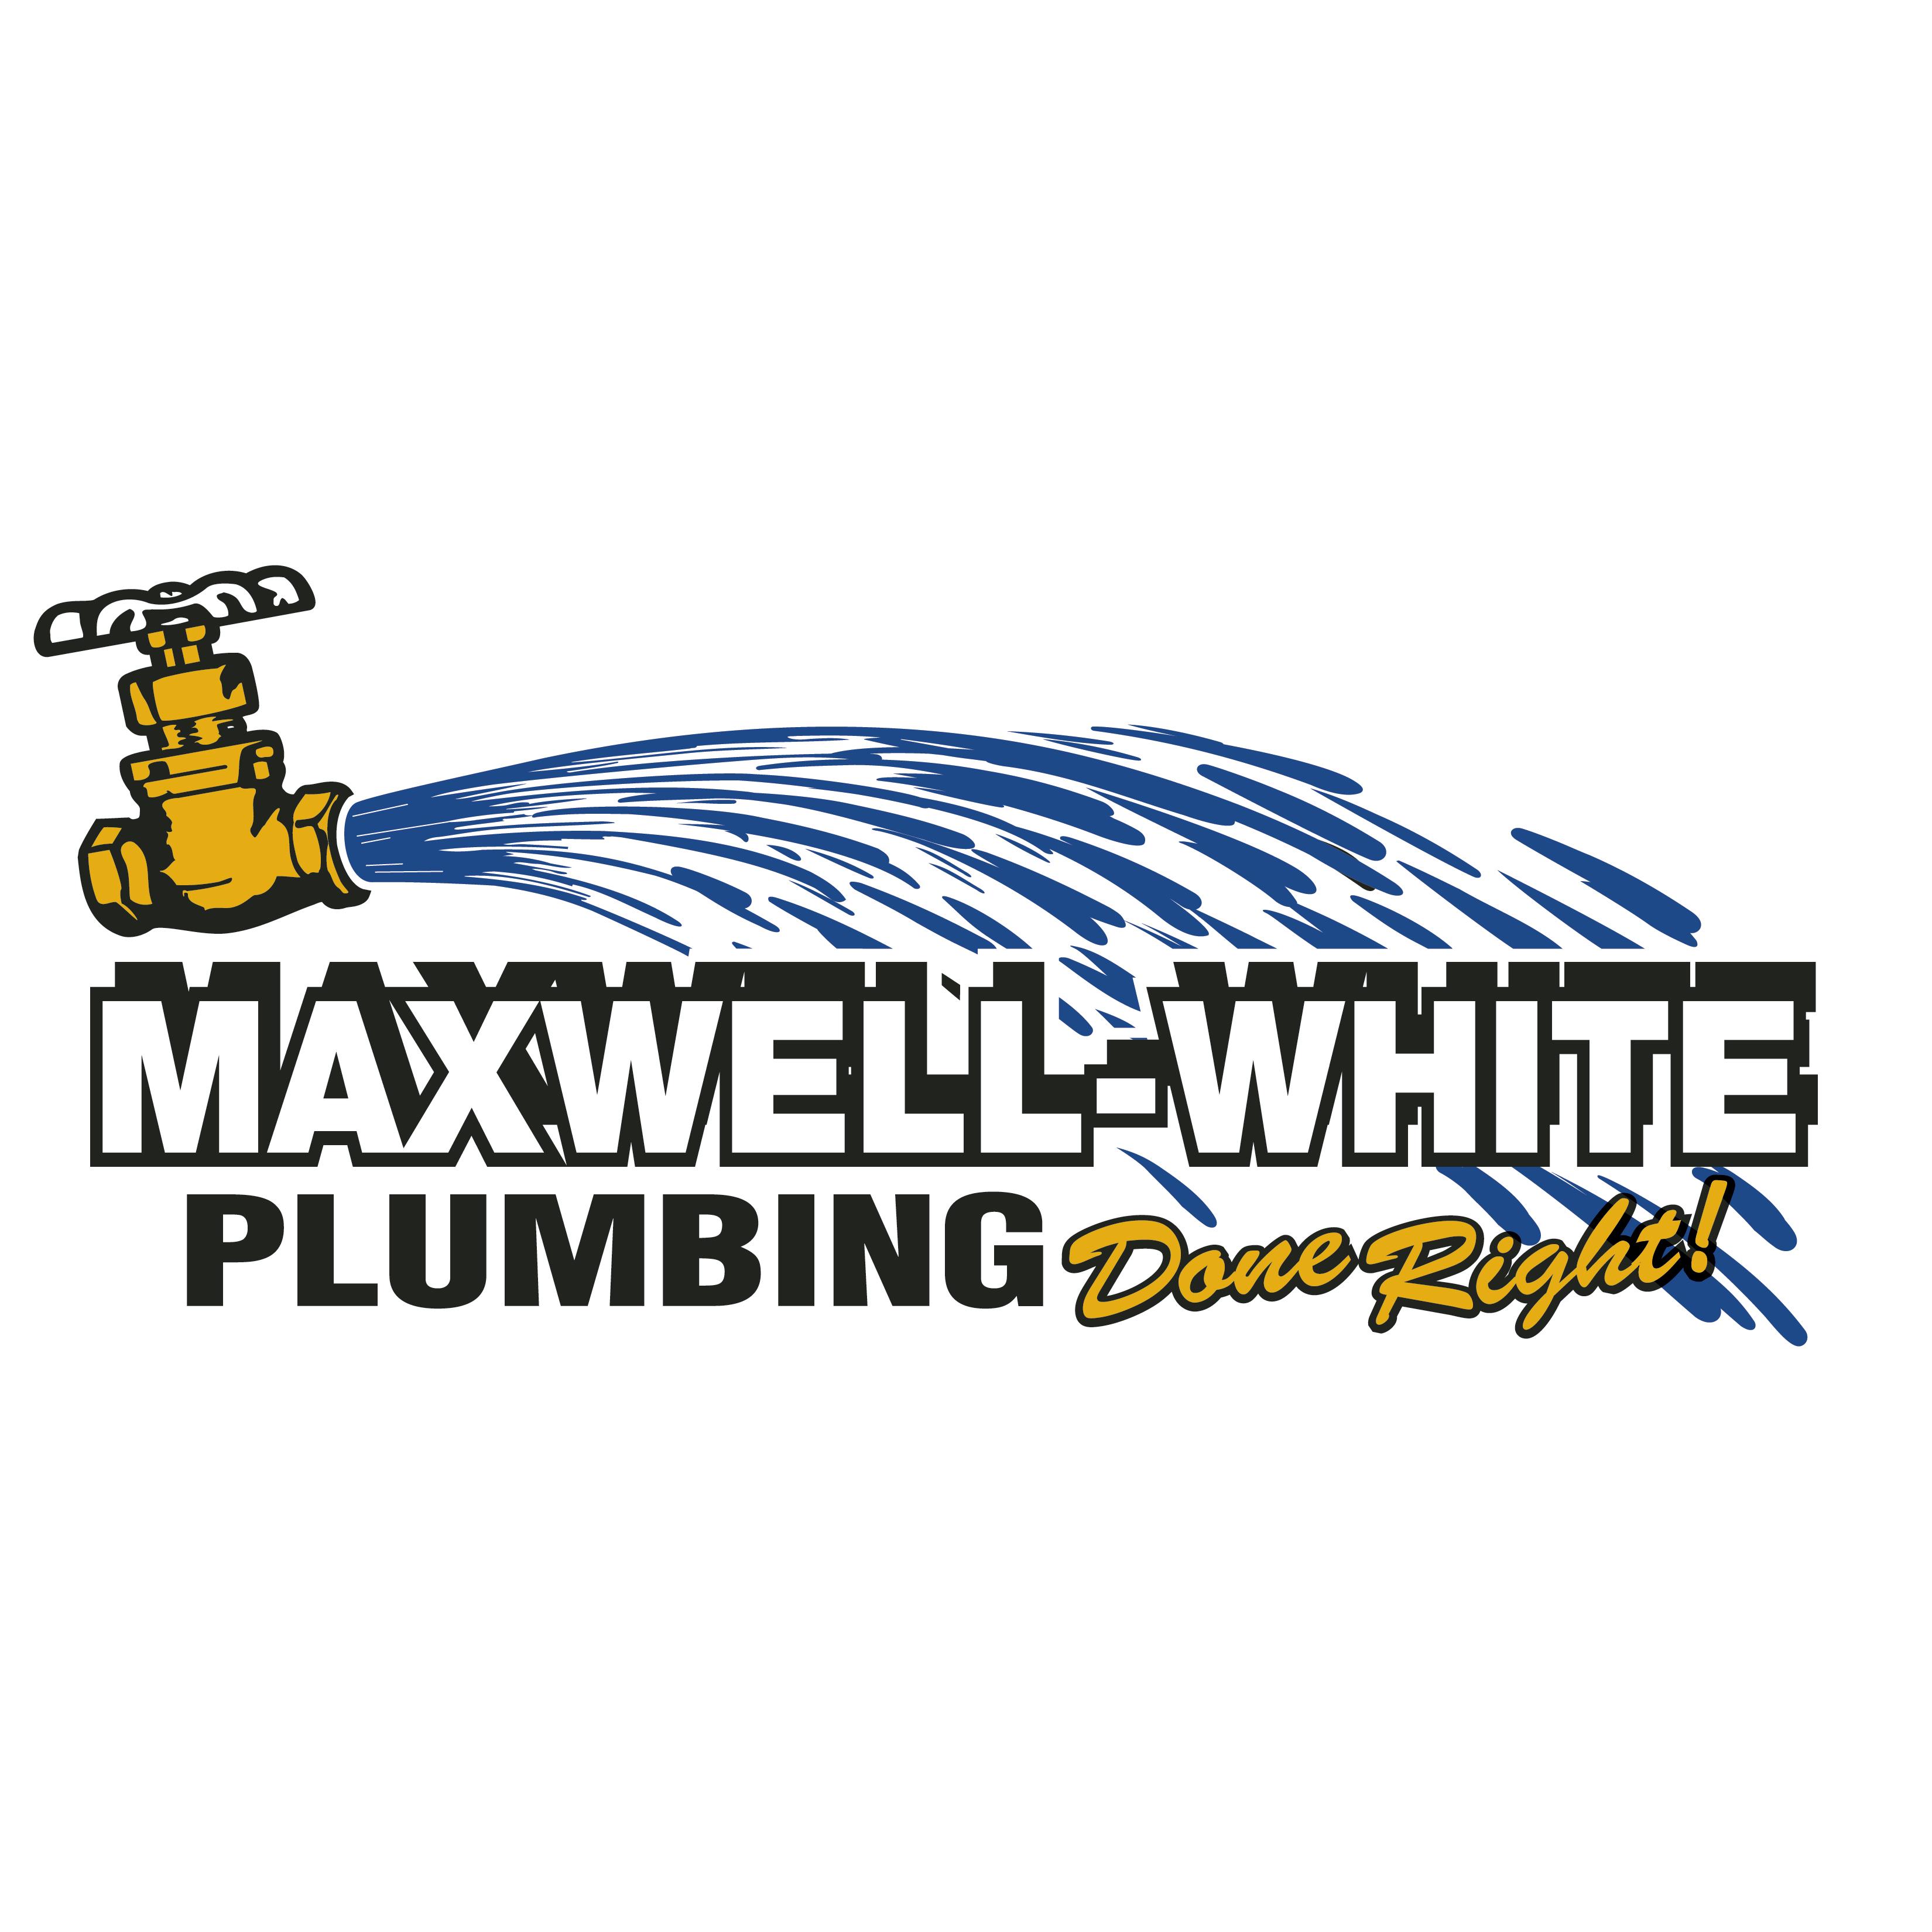 Maxwell-White Plumbing, Inc. - West Salem, WI - Plumbers & Sewer Repair